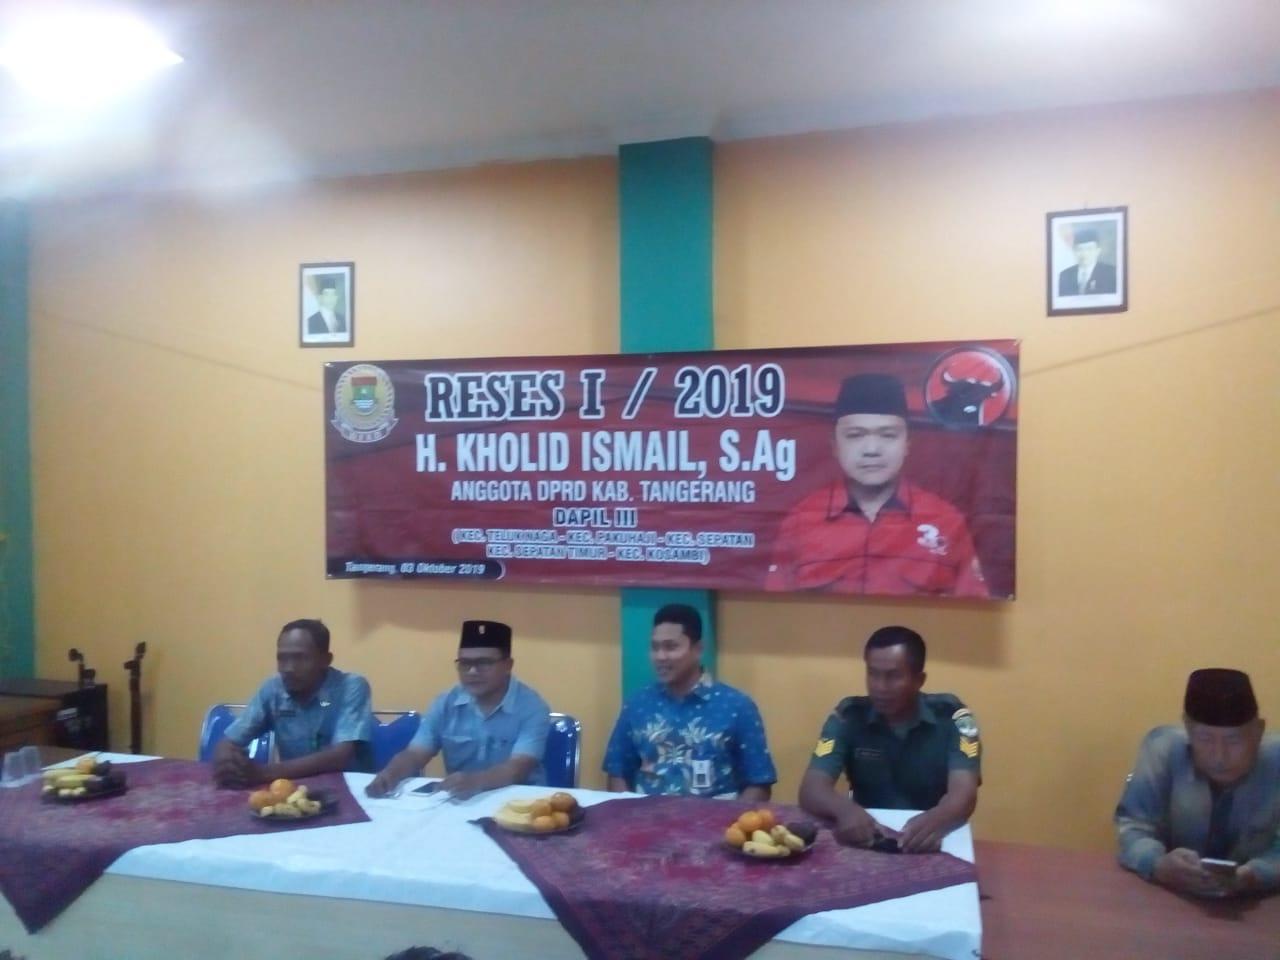 Ketua DPRD Dapil III Laksanakan Reses Ke I Tahun 2019 Di Kelurahan Pakuhaji